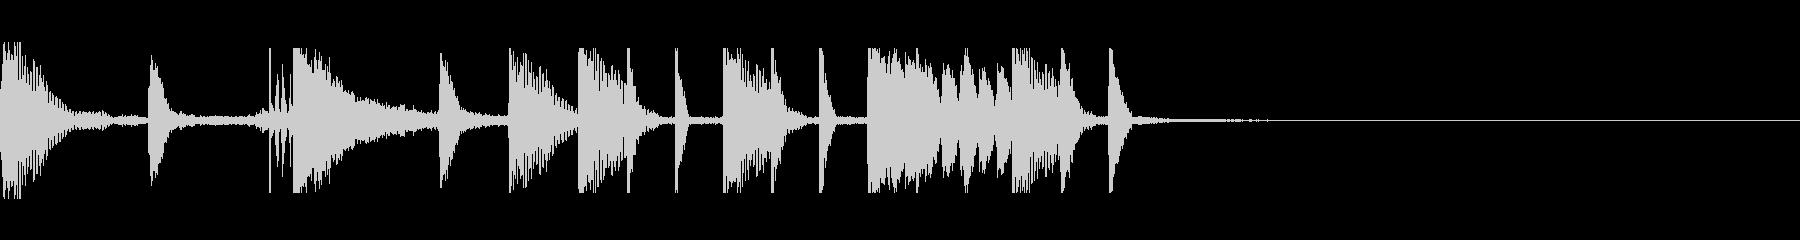 トラップな感じのドラムフィルの未再生の波形